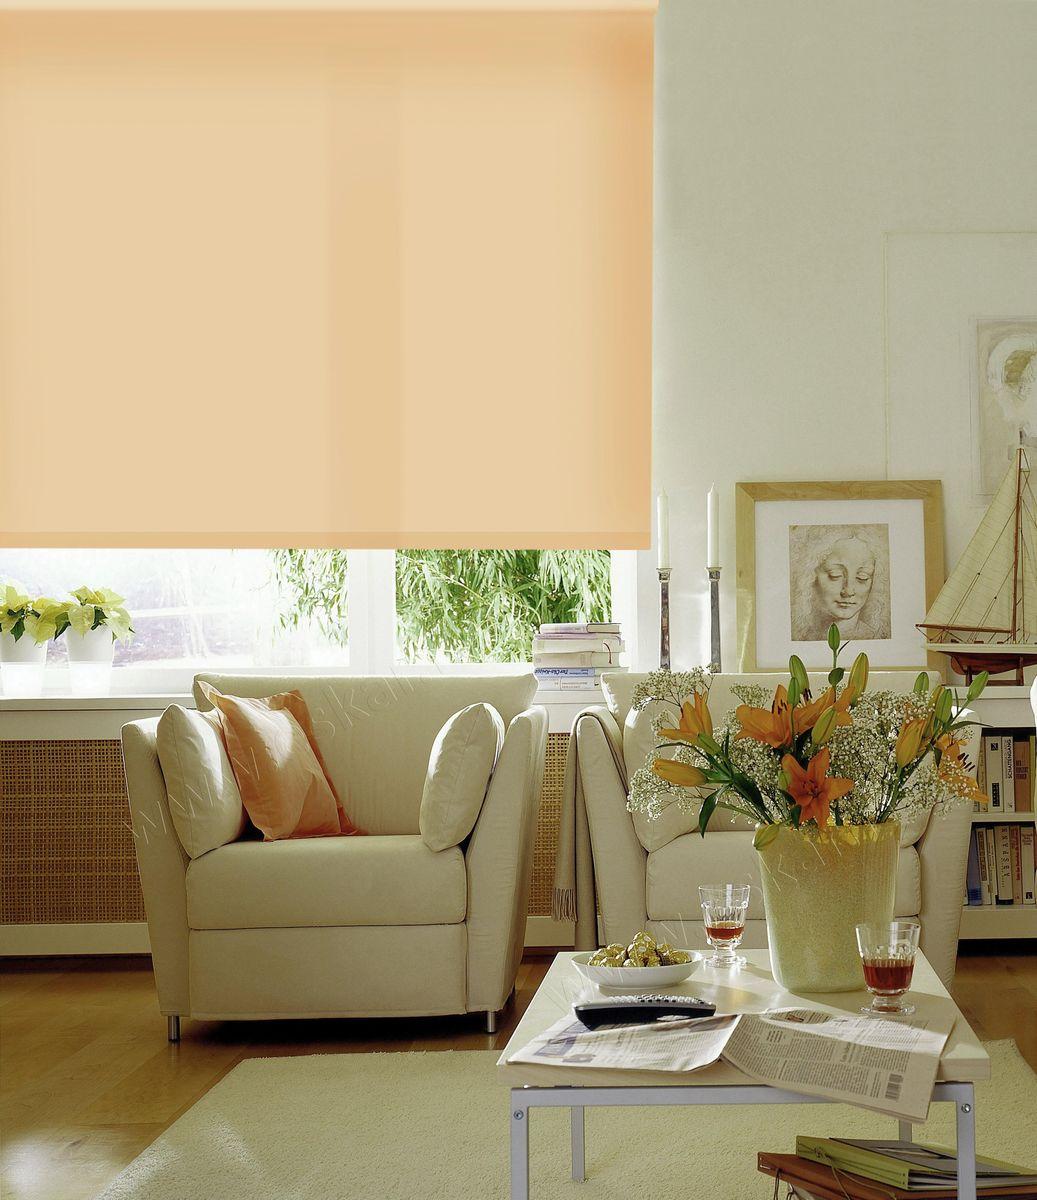 Штора рулонная Эскар, цвет: светло-абрикосовый, ширина 150 см, высота 170 смMW-3101Рулонными шторами можно оформлять окна как самостоятельно, так и использовать в комбинации с портьерами. Это поможет предотвратить выгорание дорогой ткани на солнце и соединит функционал рулонных с красотой навесных.Преимущества применения рулонных штор для пластиковых окон:- имеют прекрасный внешний вид: многообразие и фактурность материала изделия отлично смотрятся в любом интерьере; - многофункциональны: есть возможность подобрать шторы способные эффективно защитить комнату от солнца, при этом о на не будет слишком темной. - Есть возможность осуществить быстрый монтаж. ВНИМАНИЕ! Размеры ширины изделия указаны по ширине ткани!Во время эксплуатации не рекомендуется полностью разматывать рулон, чтобы не оторвать ткань от намоточного вала.В случае загрязнения поверхности ткани, чистку шторы проводят одним из способов, в зависимости от типа загрязнения: легкое поверхностное загрязнение можно удалить при помощи канцелярского ластика; чистка от пыли производится сухим методом при помощи пылесоса с мягкой щеткой-насадкой; для удаления пятна используйте мягкую губку с пенообразующим неагрессивным моющим средством или пятновыводитель на натуральной основе (нельзя применять растворители).